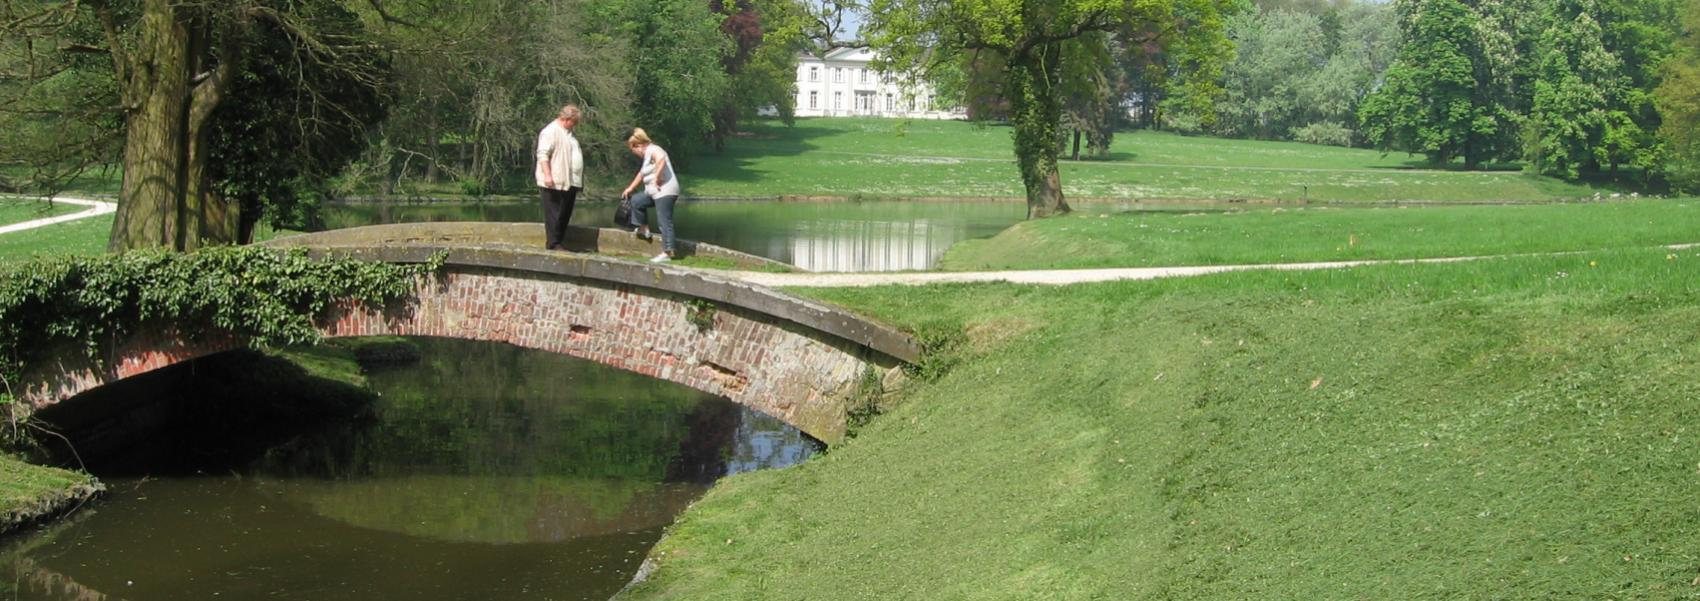 2 mensen op een brugje